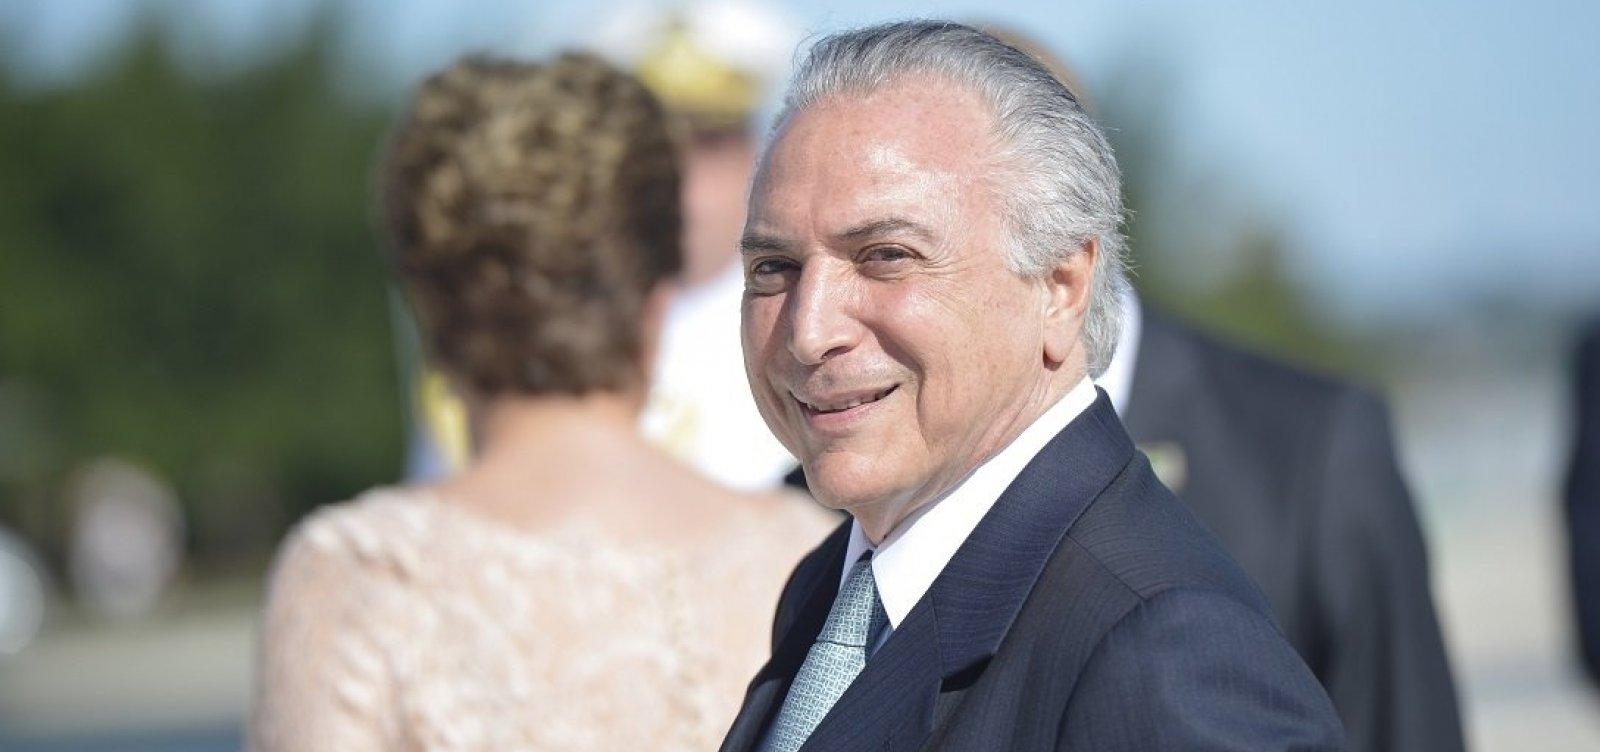 Às vésperas do impeachment de Dilma, Lava Jato rejeitou delação que prenderia Temer